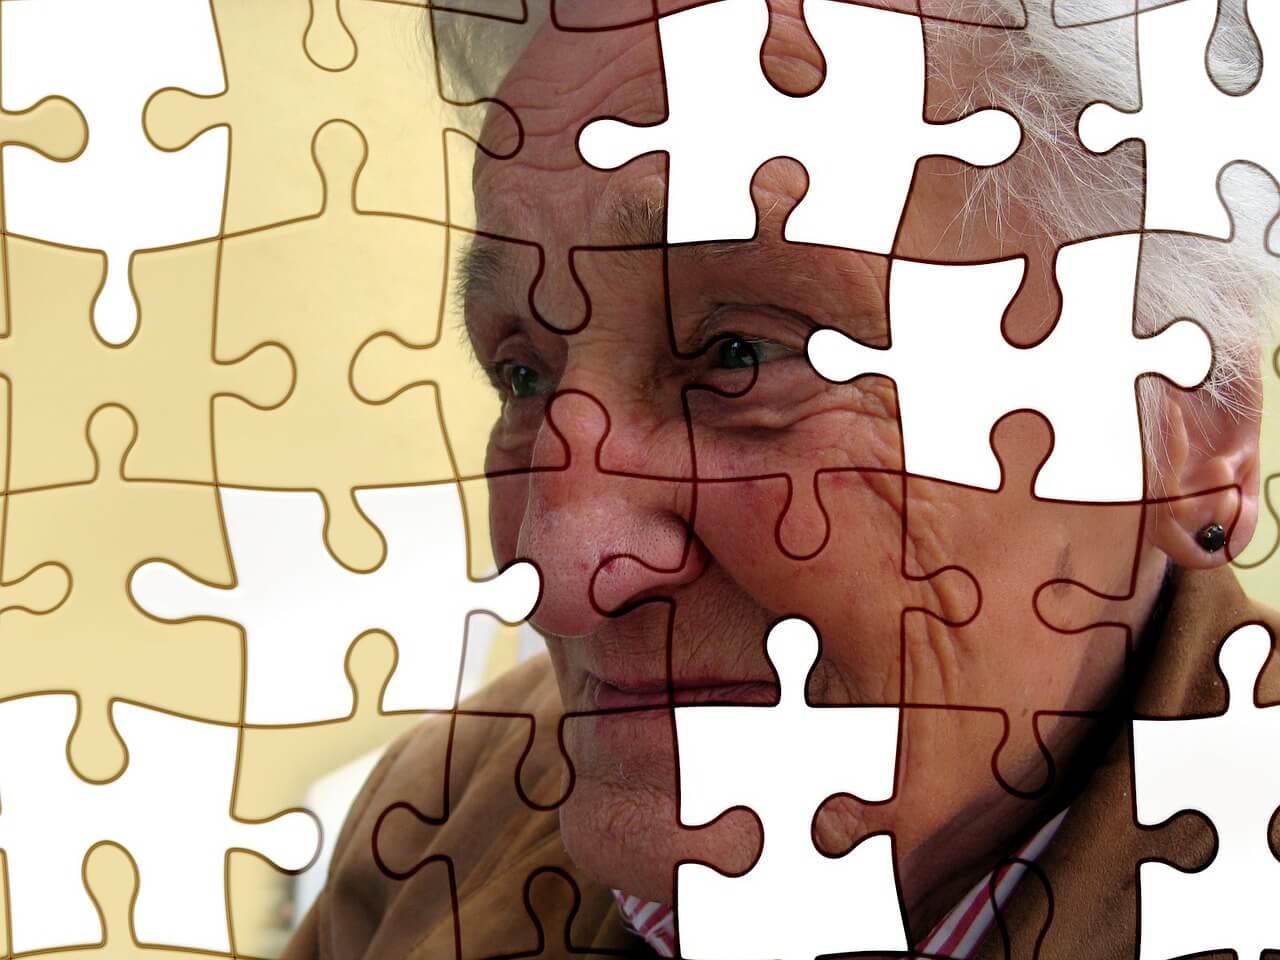 Новое лекарство от Альцгеймера одобрено в США впервые за 20 лет